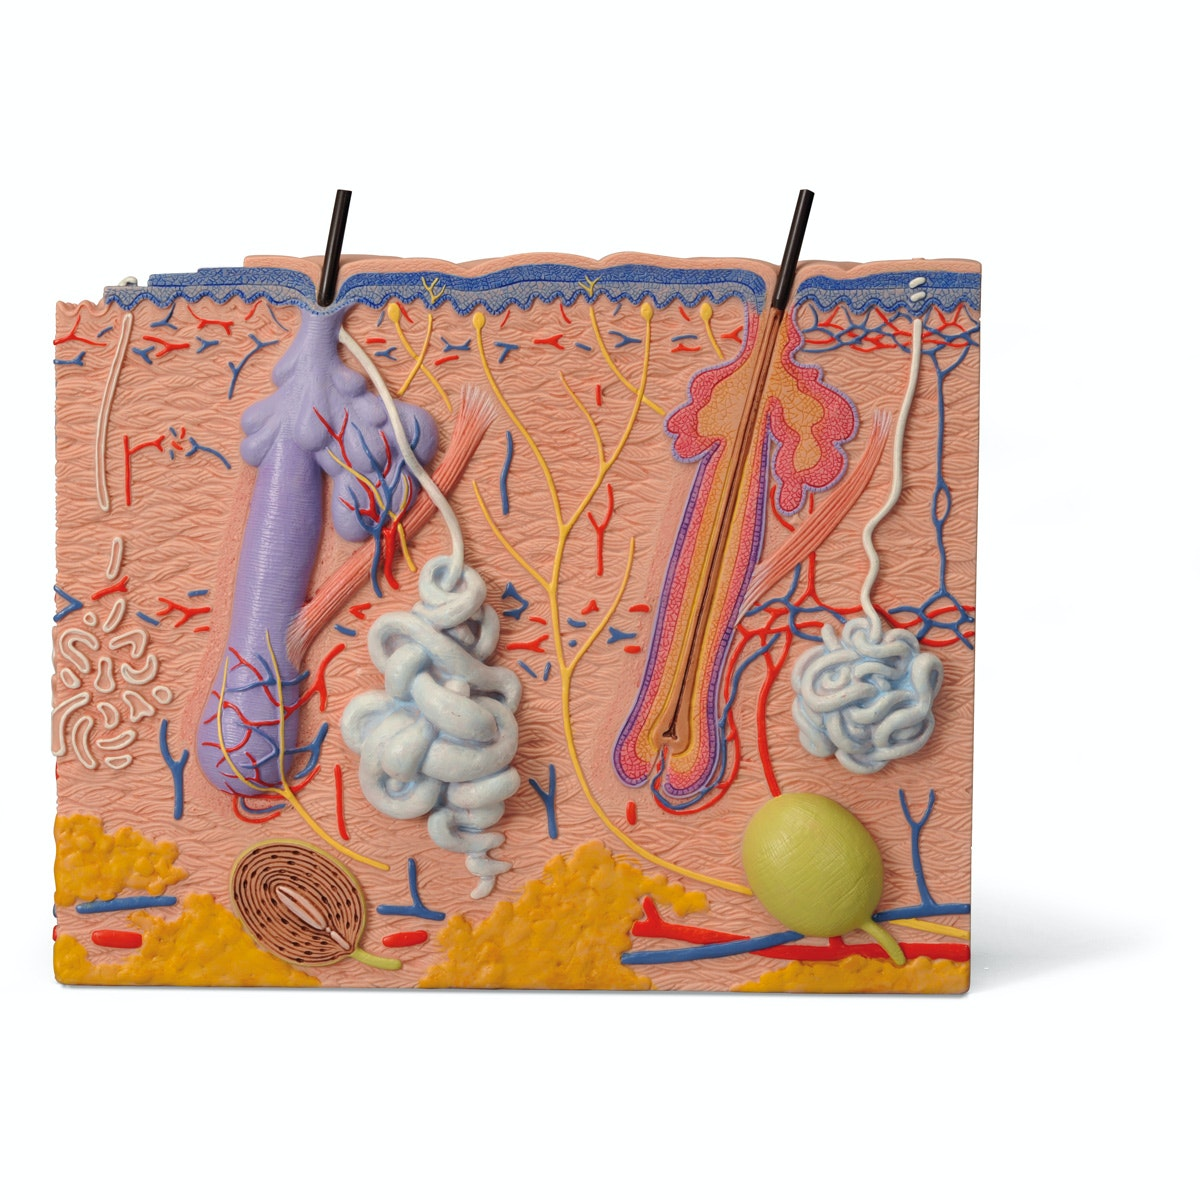 Detaljeret hudmodel af 3 hudområder. Kan adskilles i 3 dele